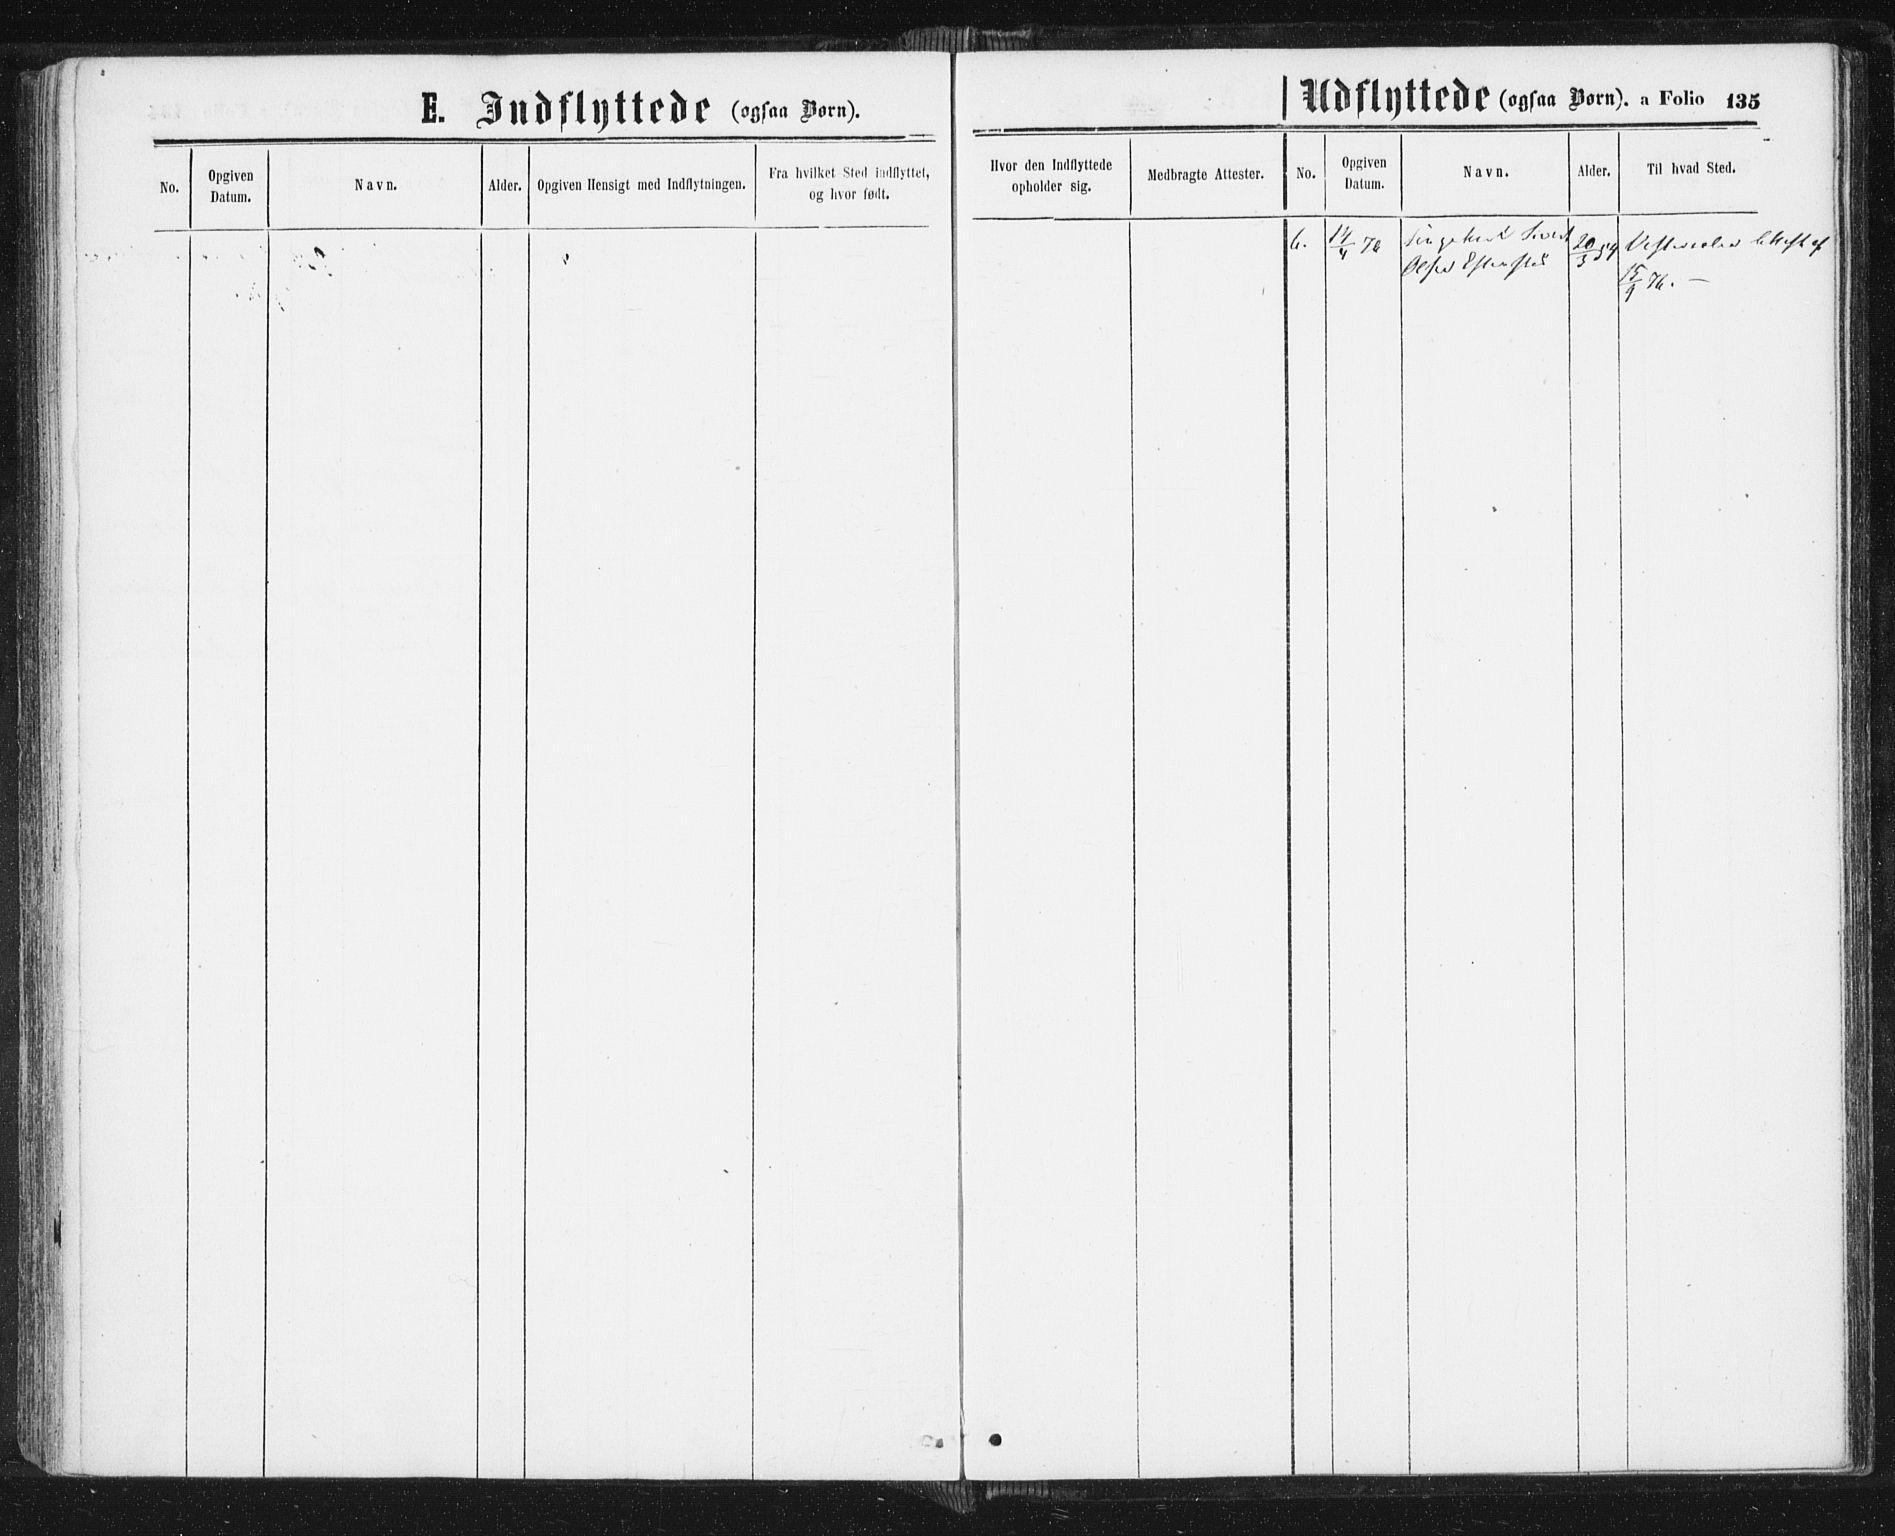 SAT, Ministerialprotokoller, klokkerbøker og fødselsregistre - Sør-Trøndelag, 689/L1039: Ministerialbok nr. 689A04, 1865-1878, s. 135